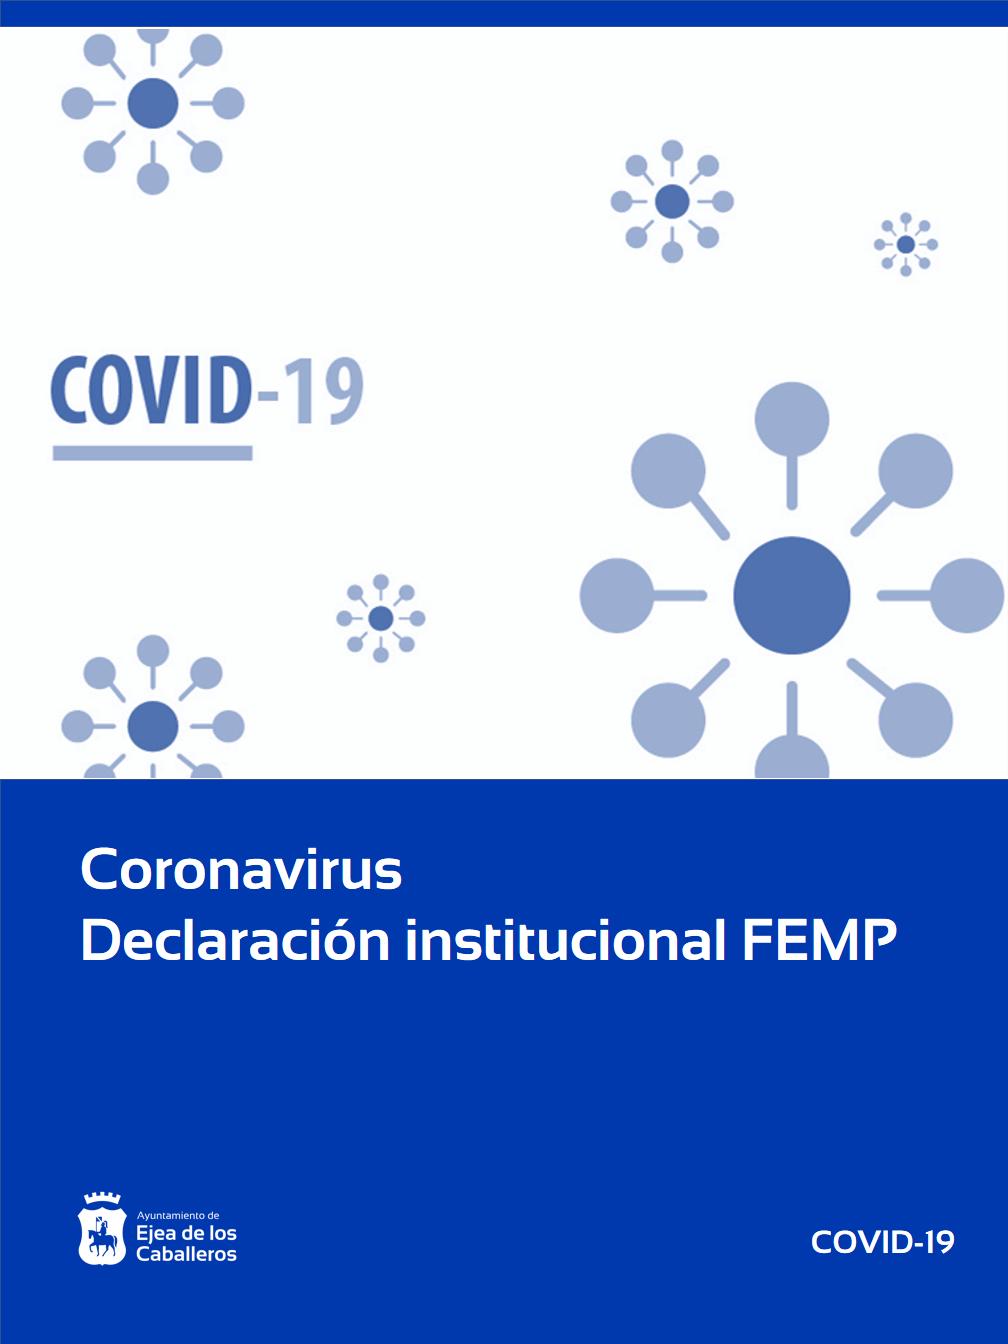 El Ayuntamiento de Ejea de los Caballeros se adhiere a la Declaración Institucional de la FEMP ante la crisis del Coronavirus